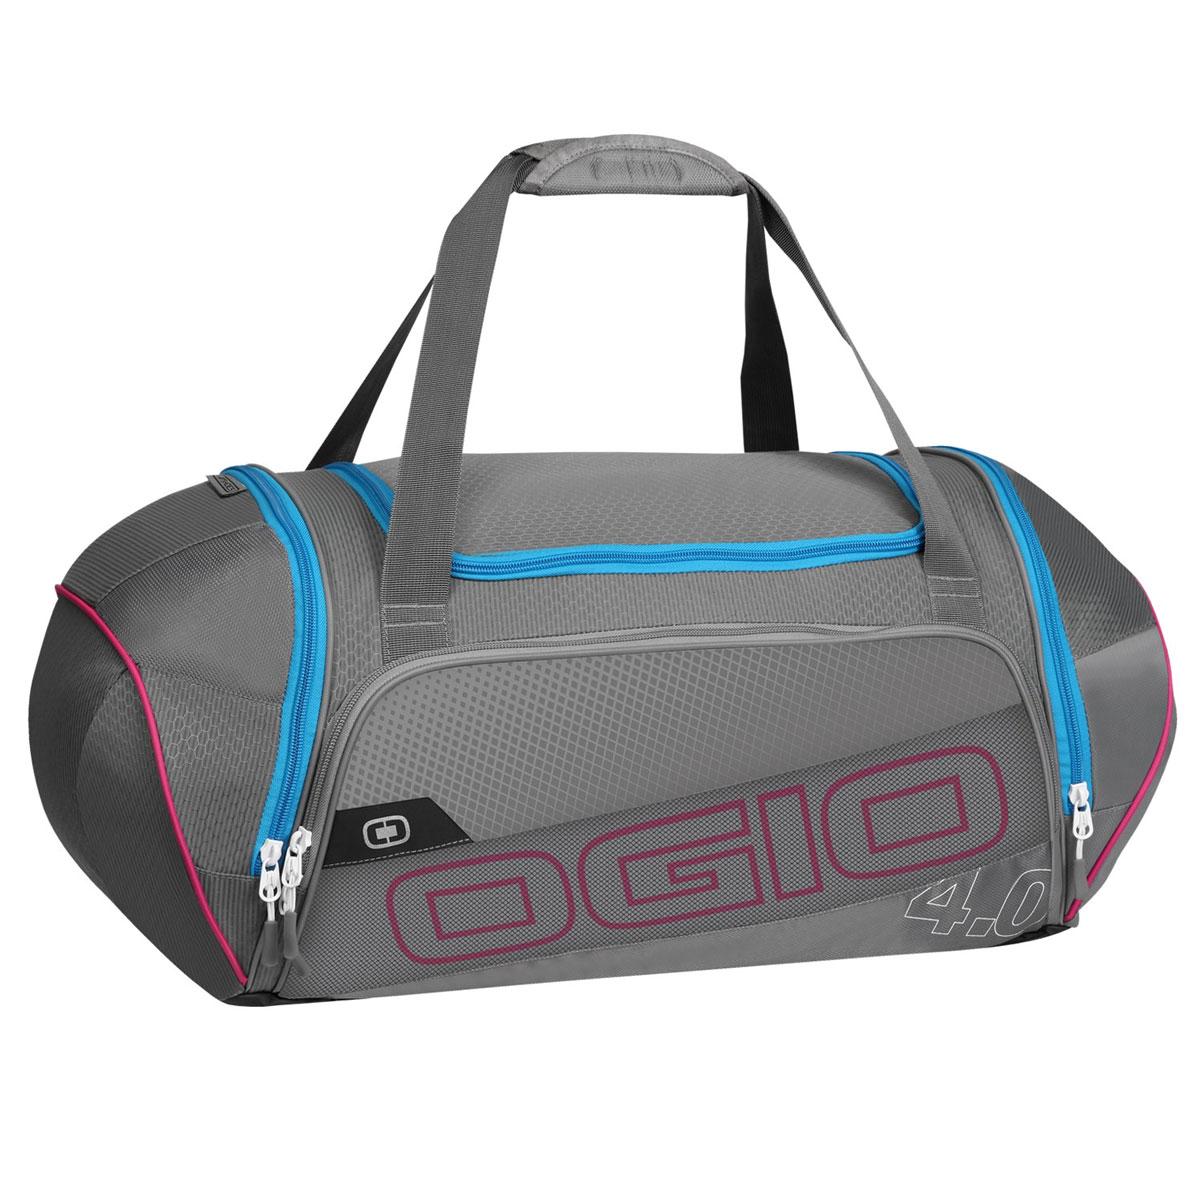 Сумка OGIO Endurance 4.0, цвет: серый, голубой. 112037.376112037.376Сумка Ogio Endurance 4.0 имеет надежную и легкую конструкцию, обладающую высокой устойчивостью к растяжению.Особенности:Складывающаяся система наплечных ремней.Хорошо вентилируемое сетчатое отделение для обуви.Износостойкое и устойчивое к истиранию брезентовое основание.Особое отделение для продуктов питания.Легкая, износоустойчивая и прочная на разрыв ткань.Вместительное основное отделение.Боковой карман с двусторонней застежкой на молнии.Устойчивая к поту, мягкая литая ручка для переноски.Передний карман на молнии для хранения аксессуаров.Большой карман для бутылки с водой.Яркая подкладка.Объем: 47 л. Материал: кареточная ткань 420D, кареточная ткань.